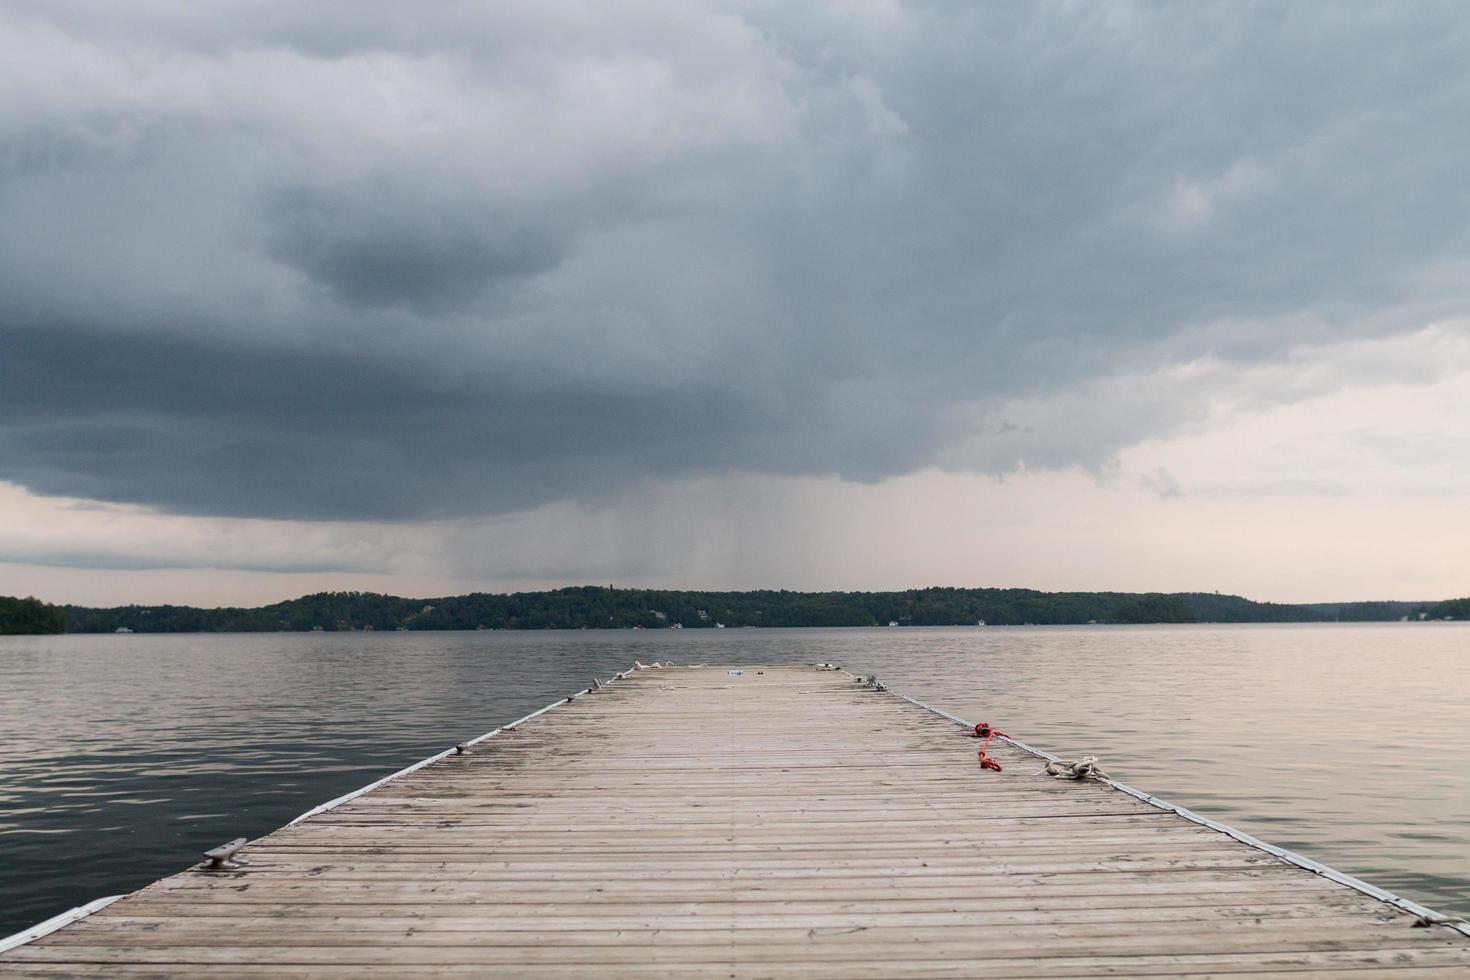 bacino di legno sul corpo idrico sotto il cielo nuvoloso foto